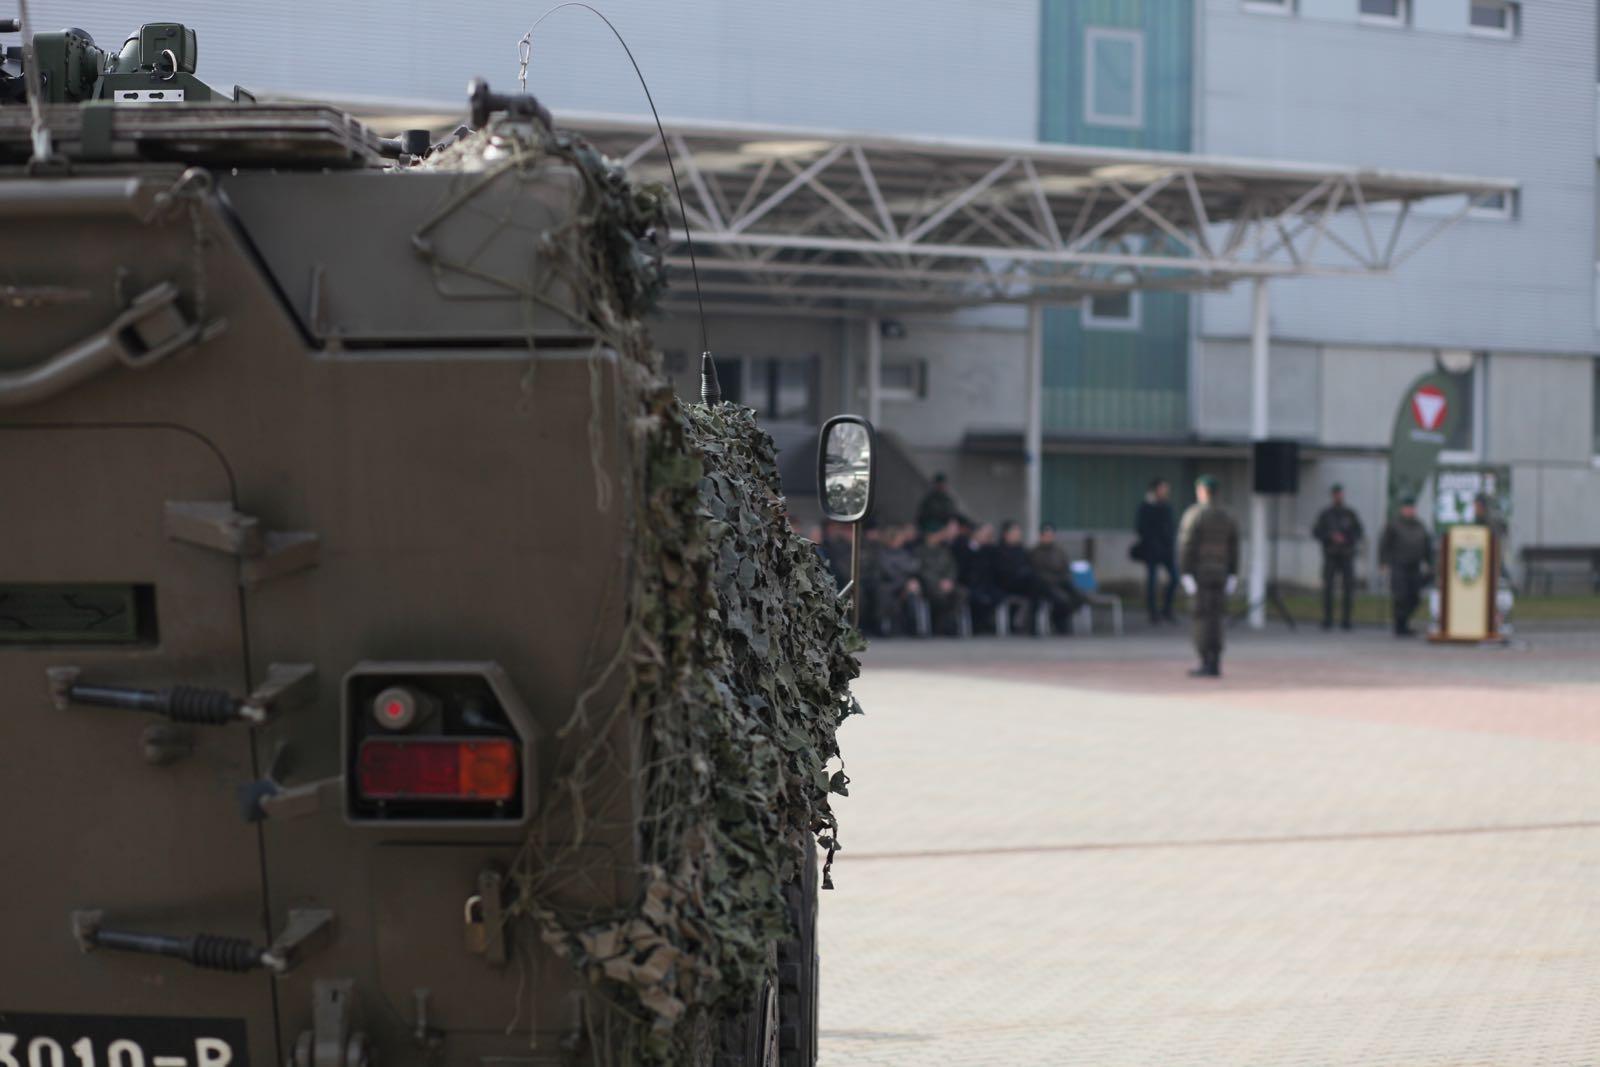 2019_02_08_5Gardekompanie_KPE_EUFOR30_Verabschiedung - 40 of 61